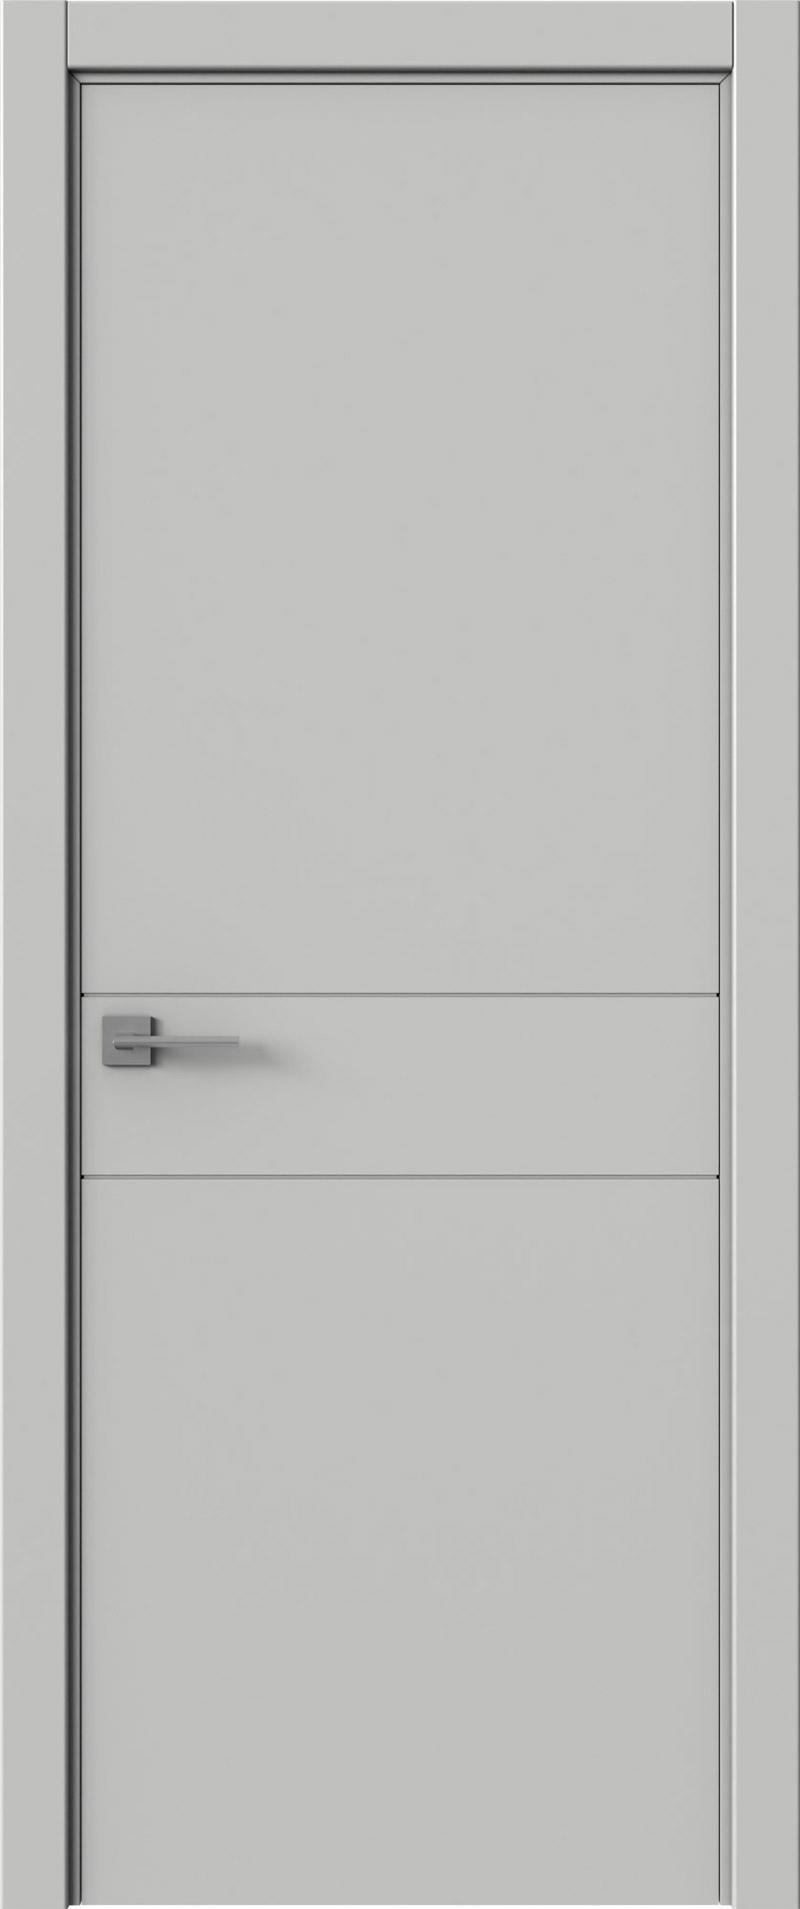 Tivoli И-2 цвет - Серая эмаль (RAL 7047) Без стекла (ДГ)